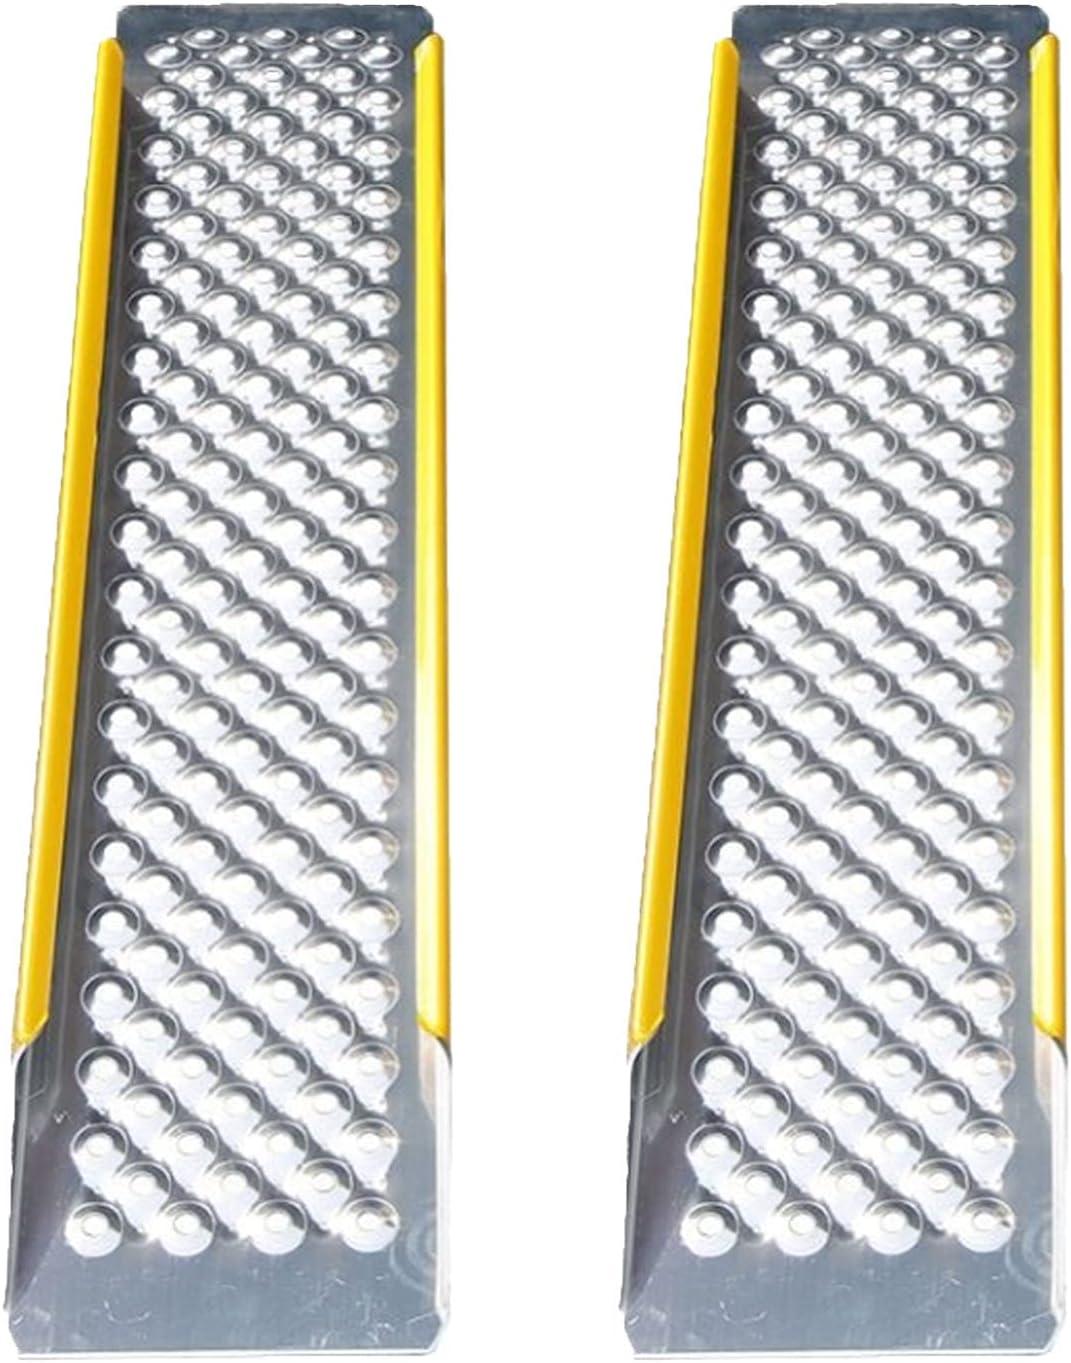 LIPINCMX Rampa de Aluminio para Silla de Ruedas para el hogar, rampa de Carga portátil Ligera para sillas de Ruedas, Juego de 2